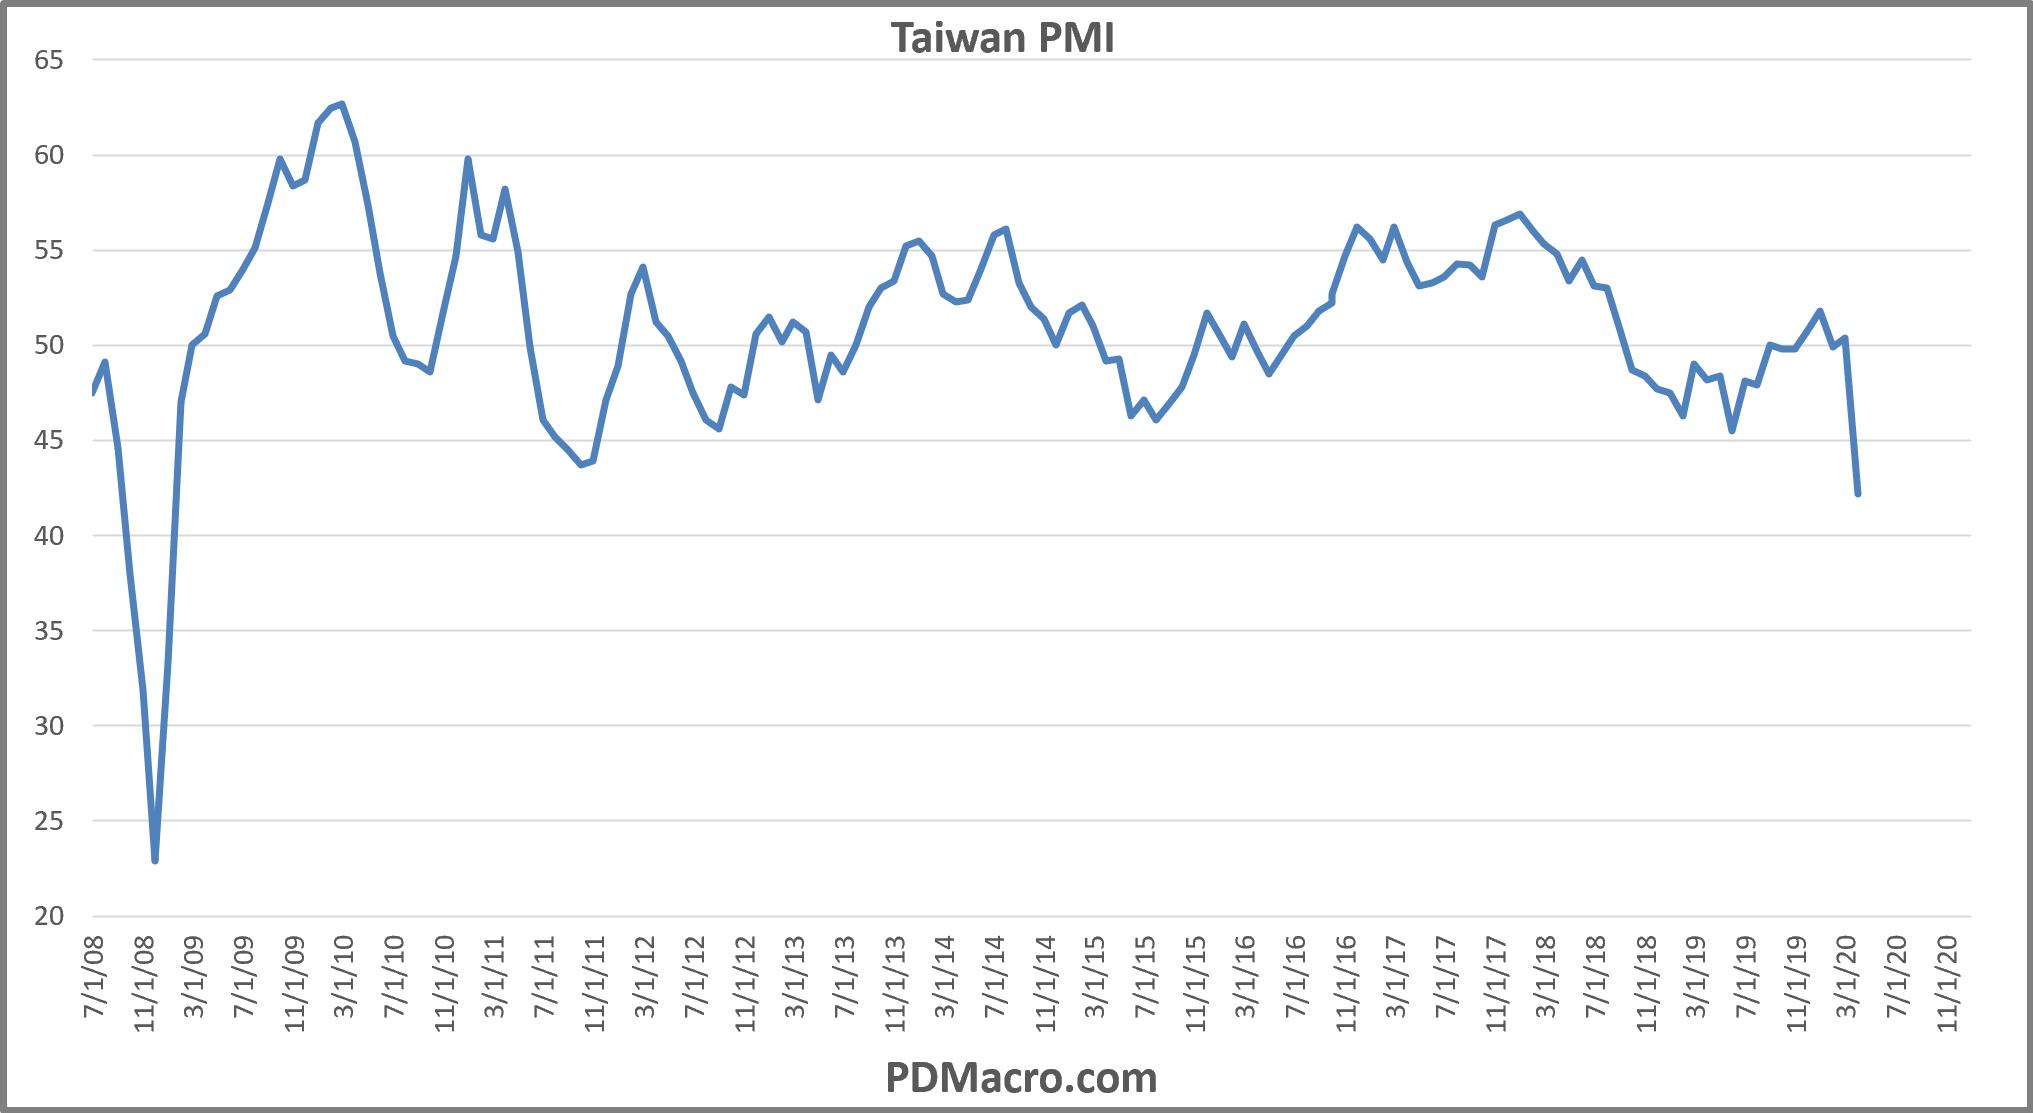 Taiwan PMI Markit